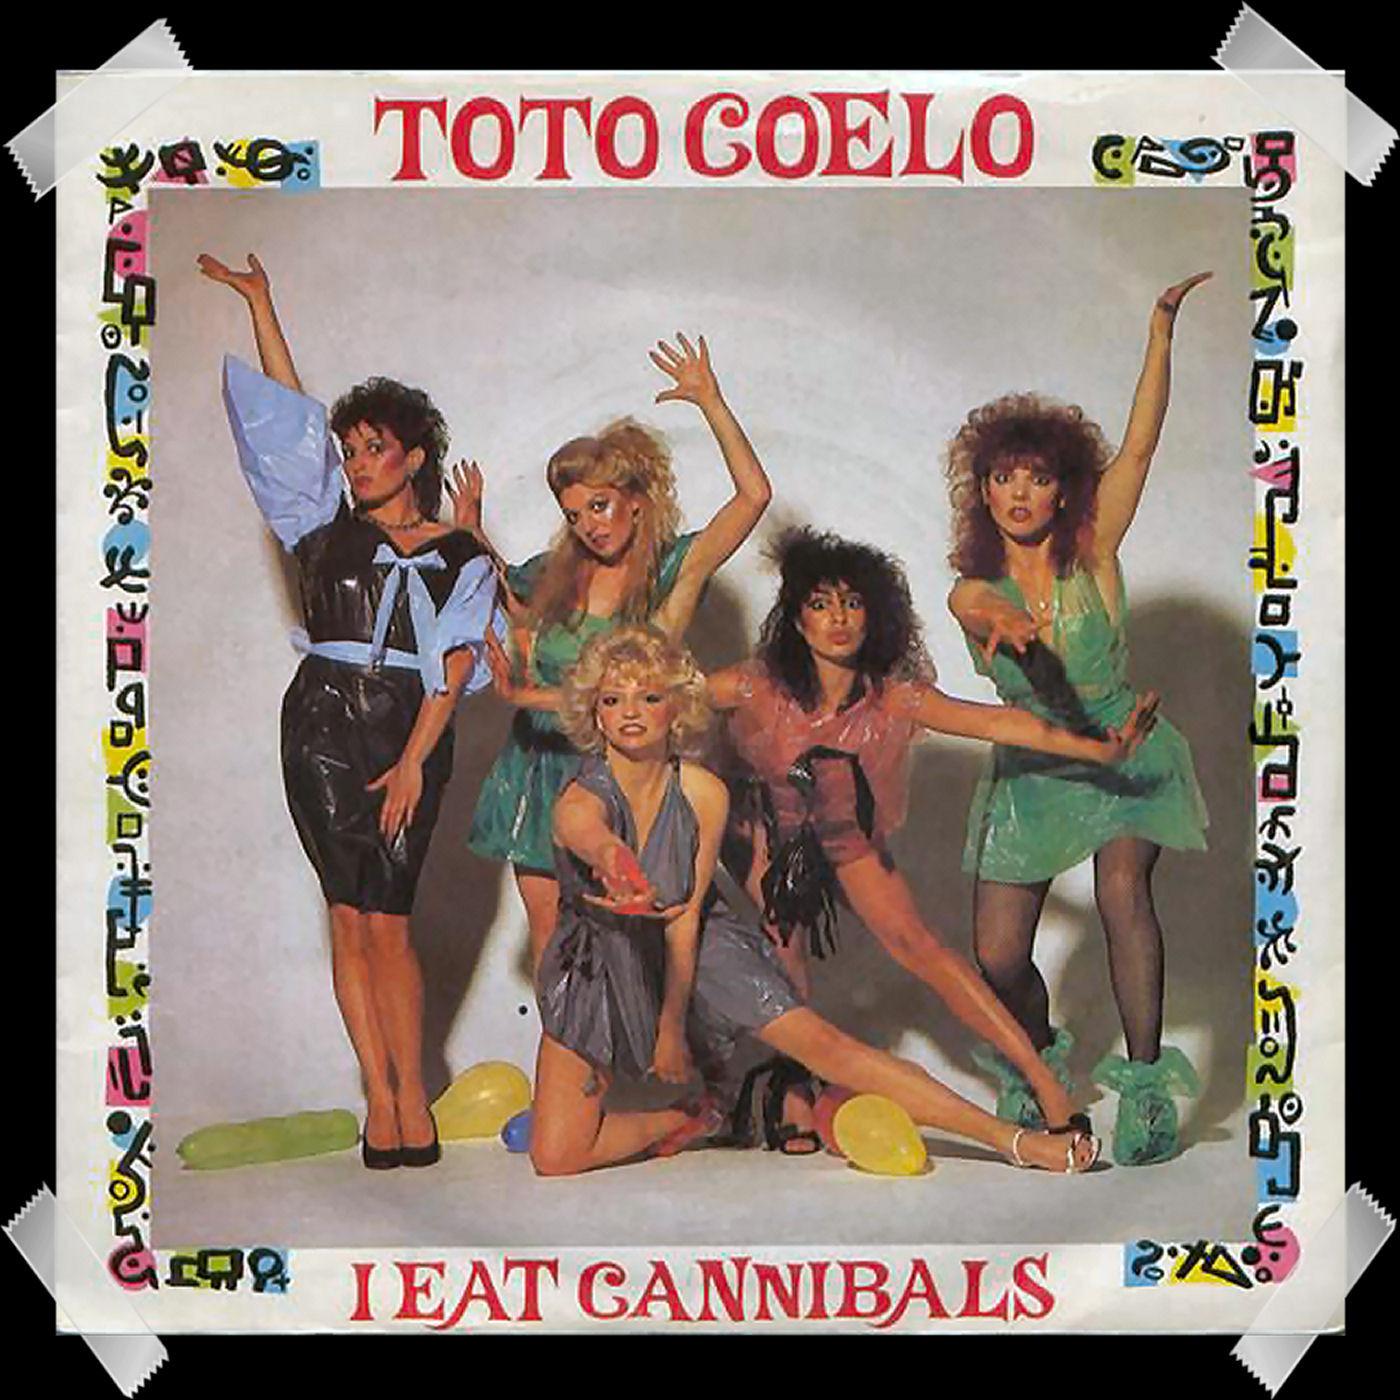 27. Toto Coelo - I Eat Cannibals